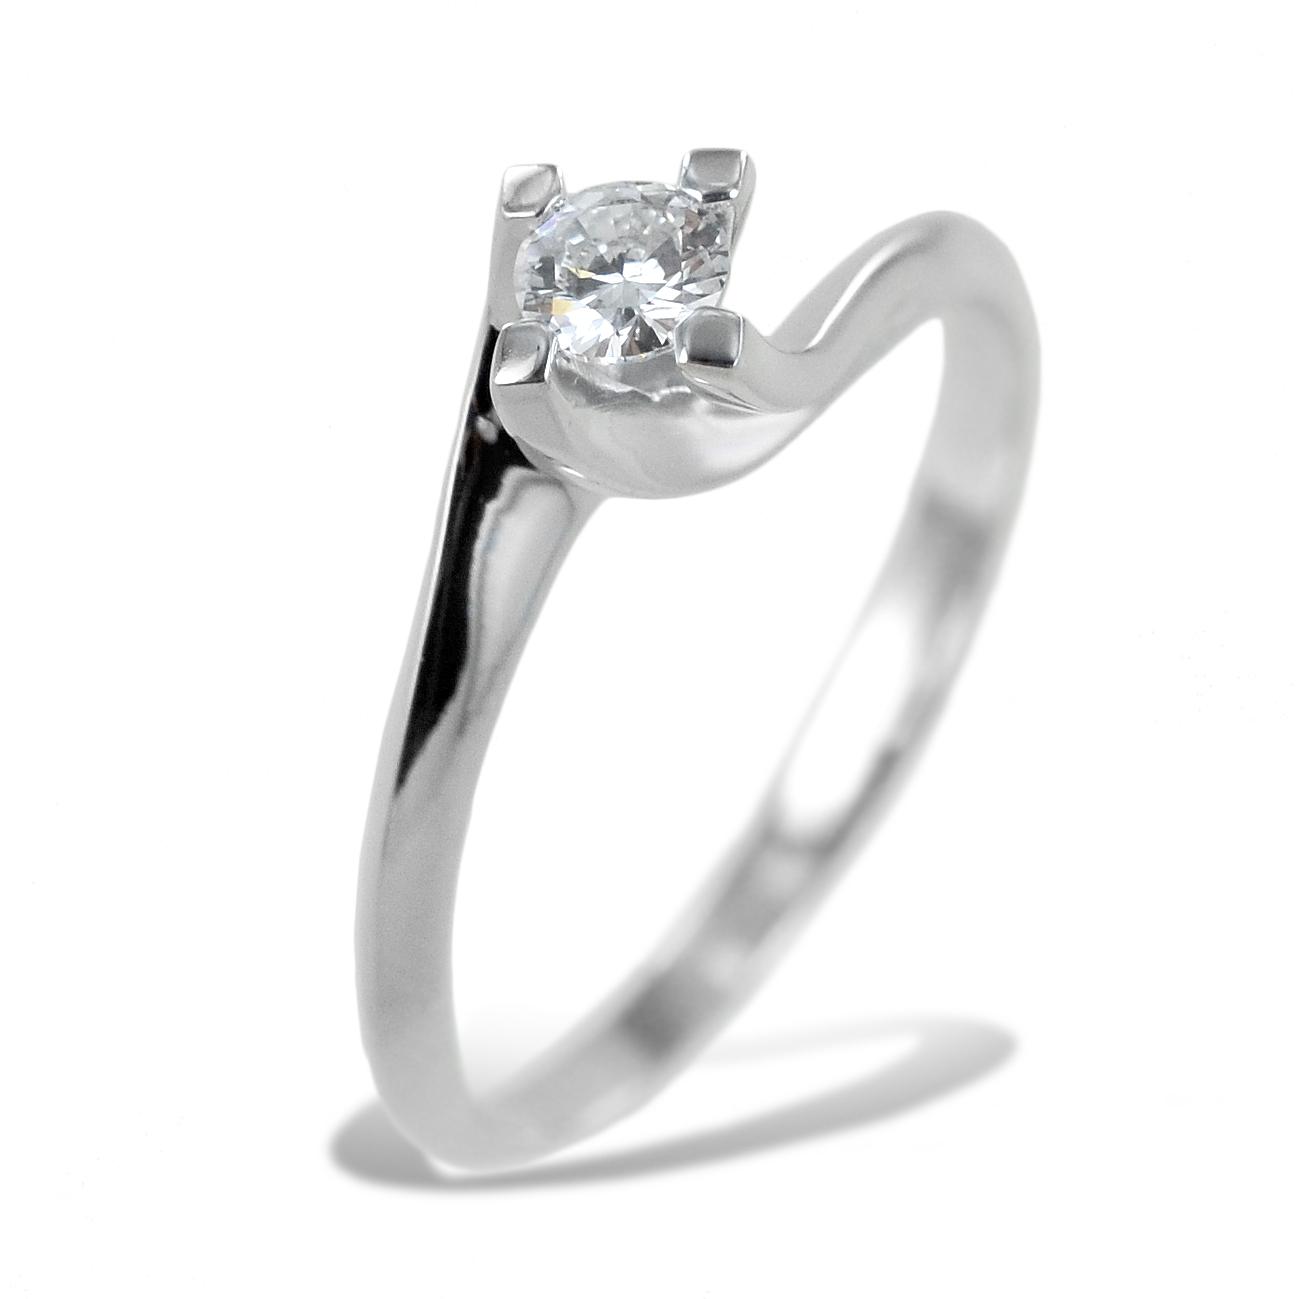 Anello solitario medio con diamante montatura Valentine 0.26 carati